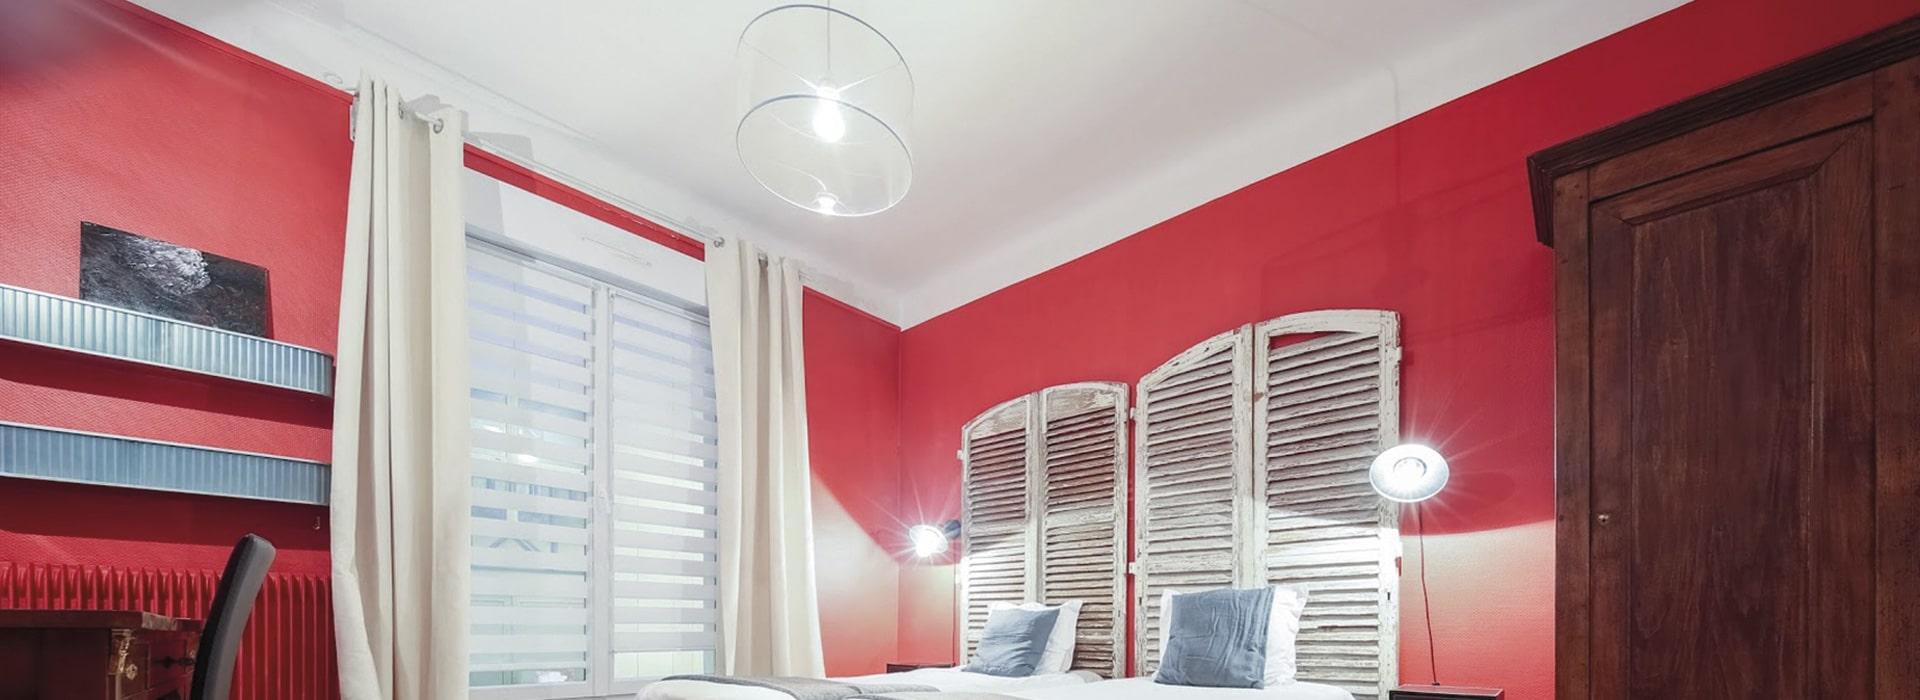 hotel-azur-chambre13